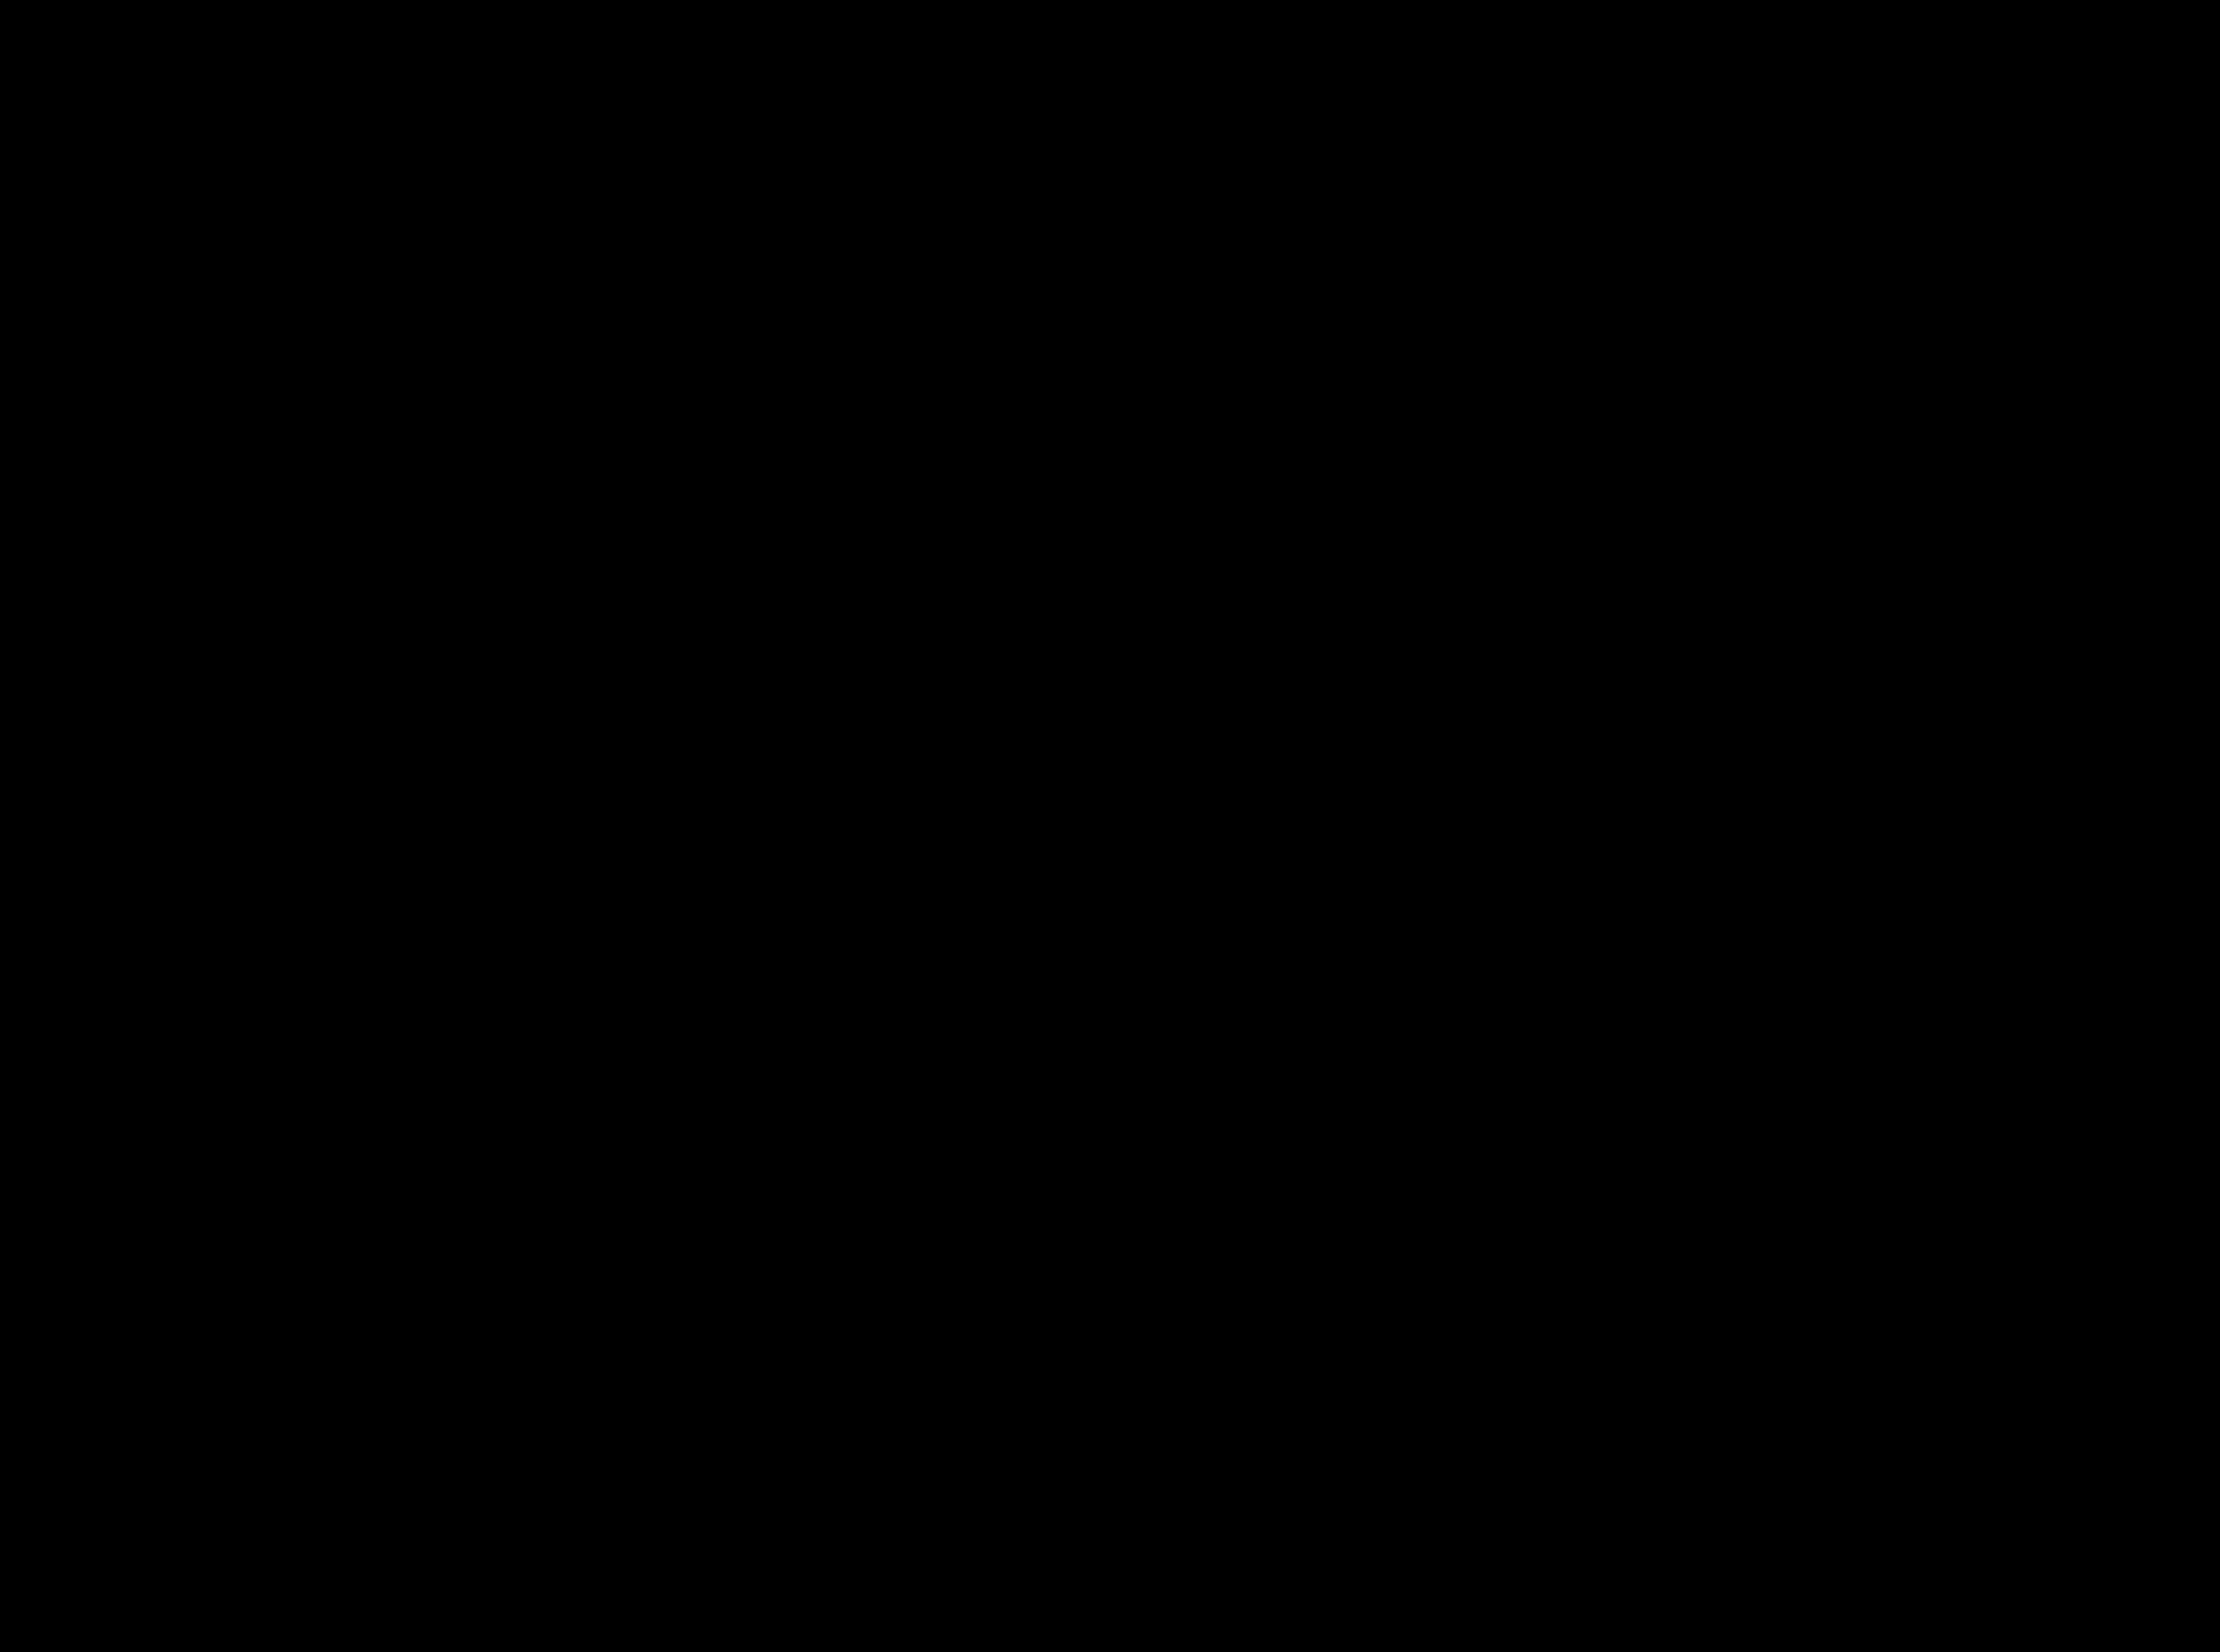 Roxy Logo Images